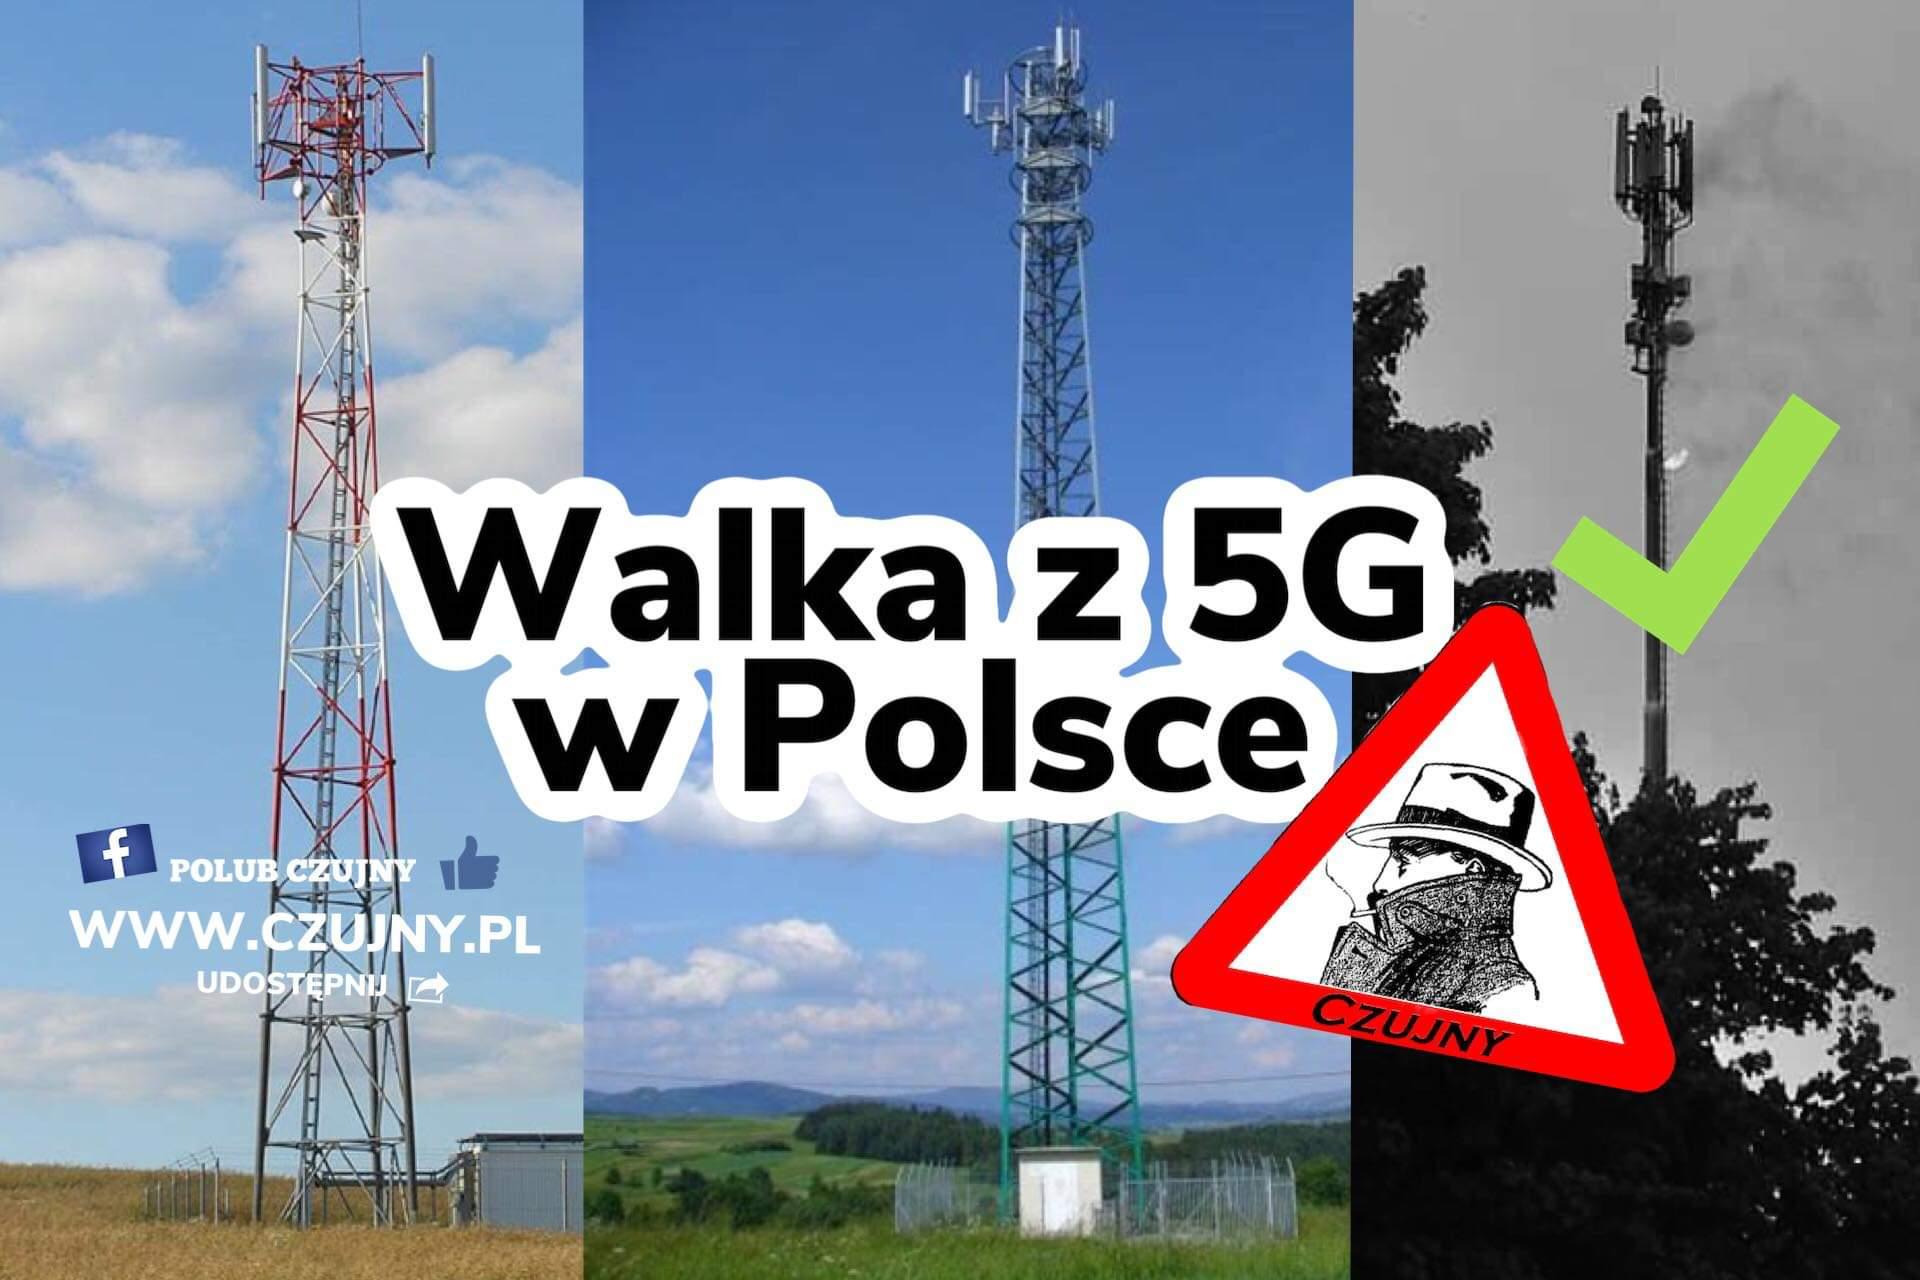 Walka z 5G w Polsce- maszty w płomieniach!